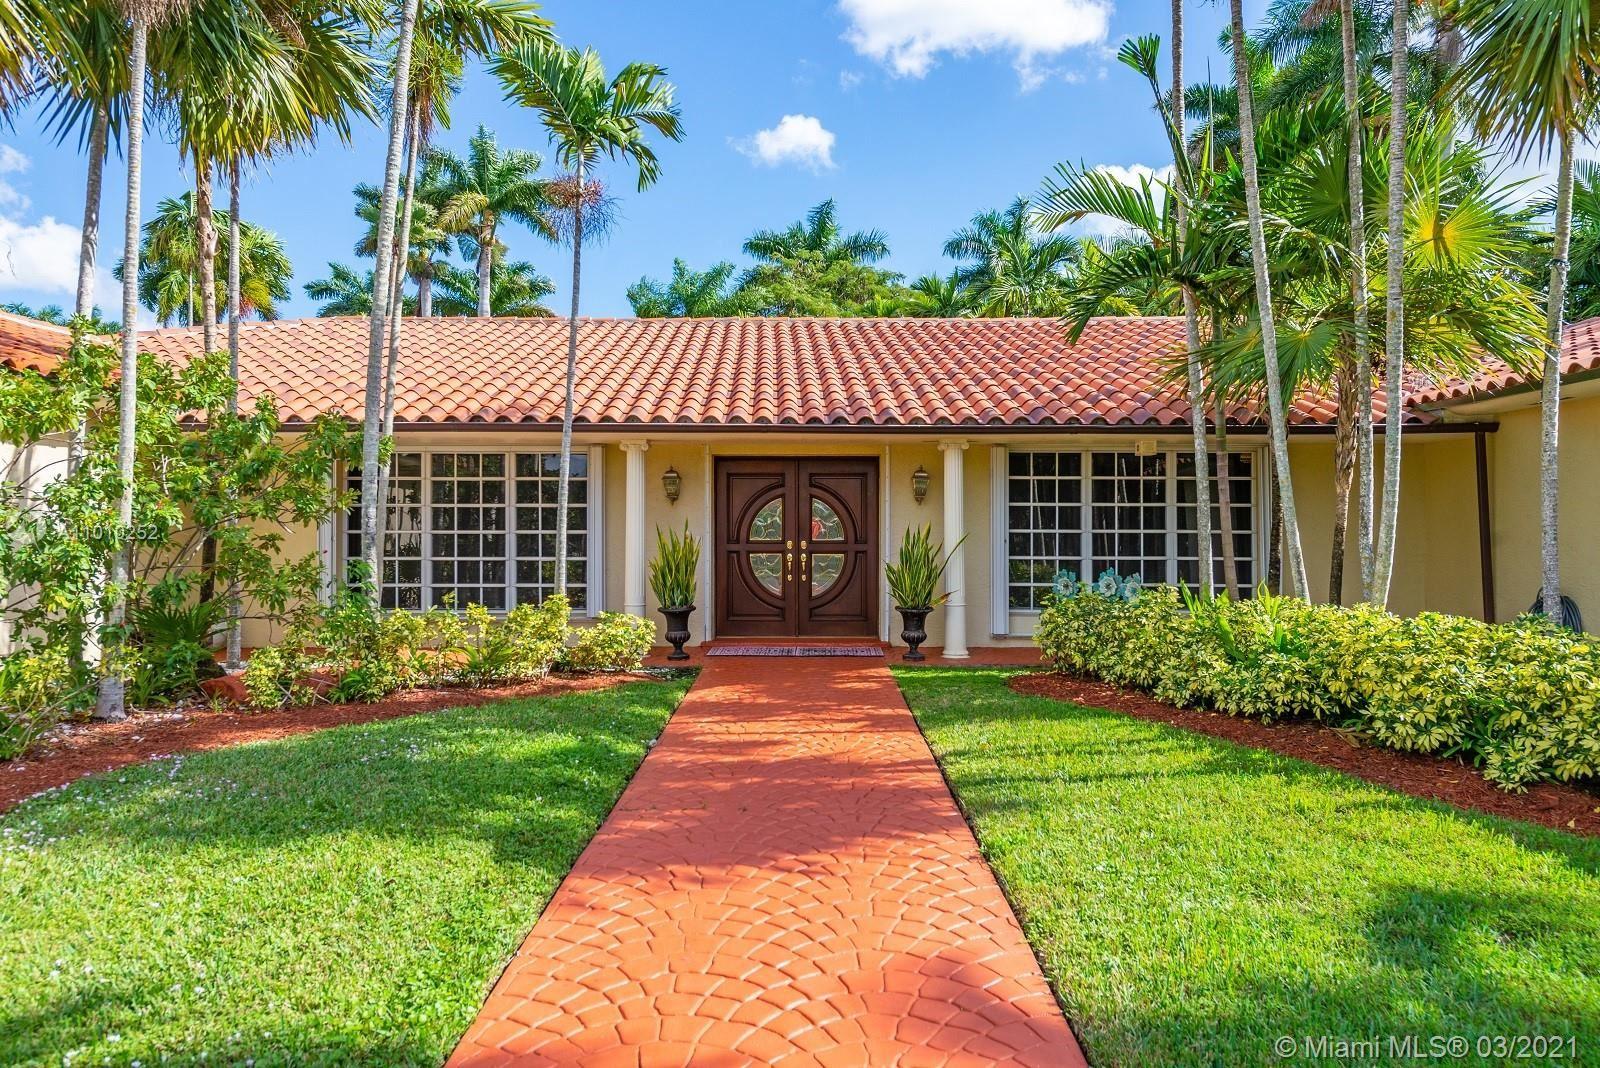 14135 N Miami Ave, Miami, FL 33168 - #: A11010252